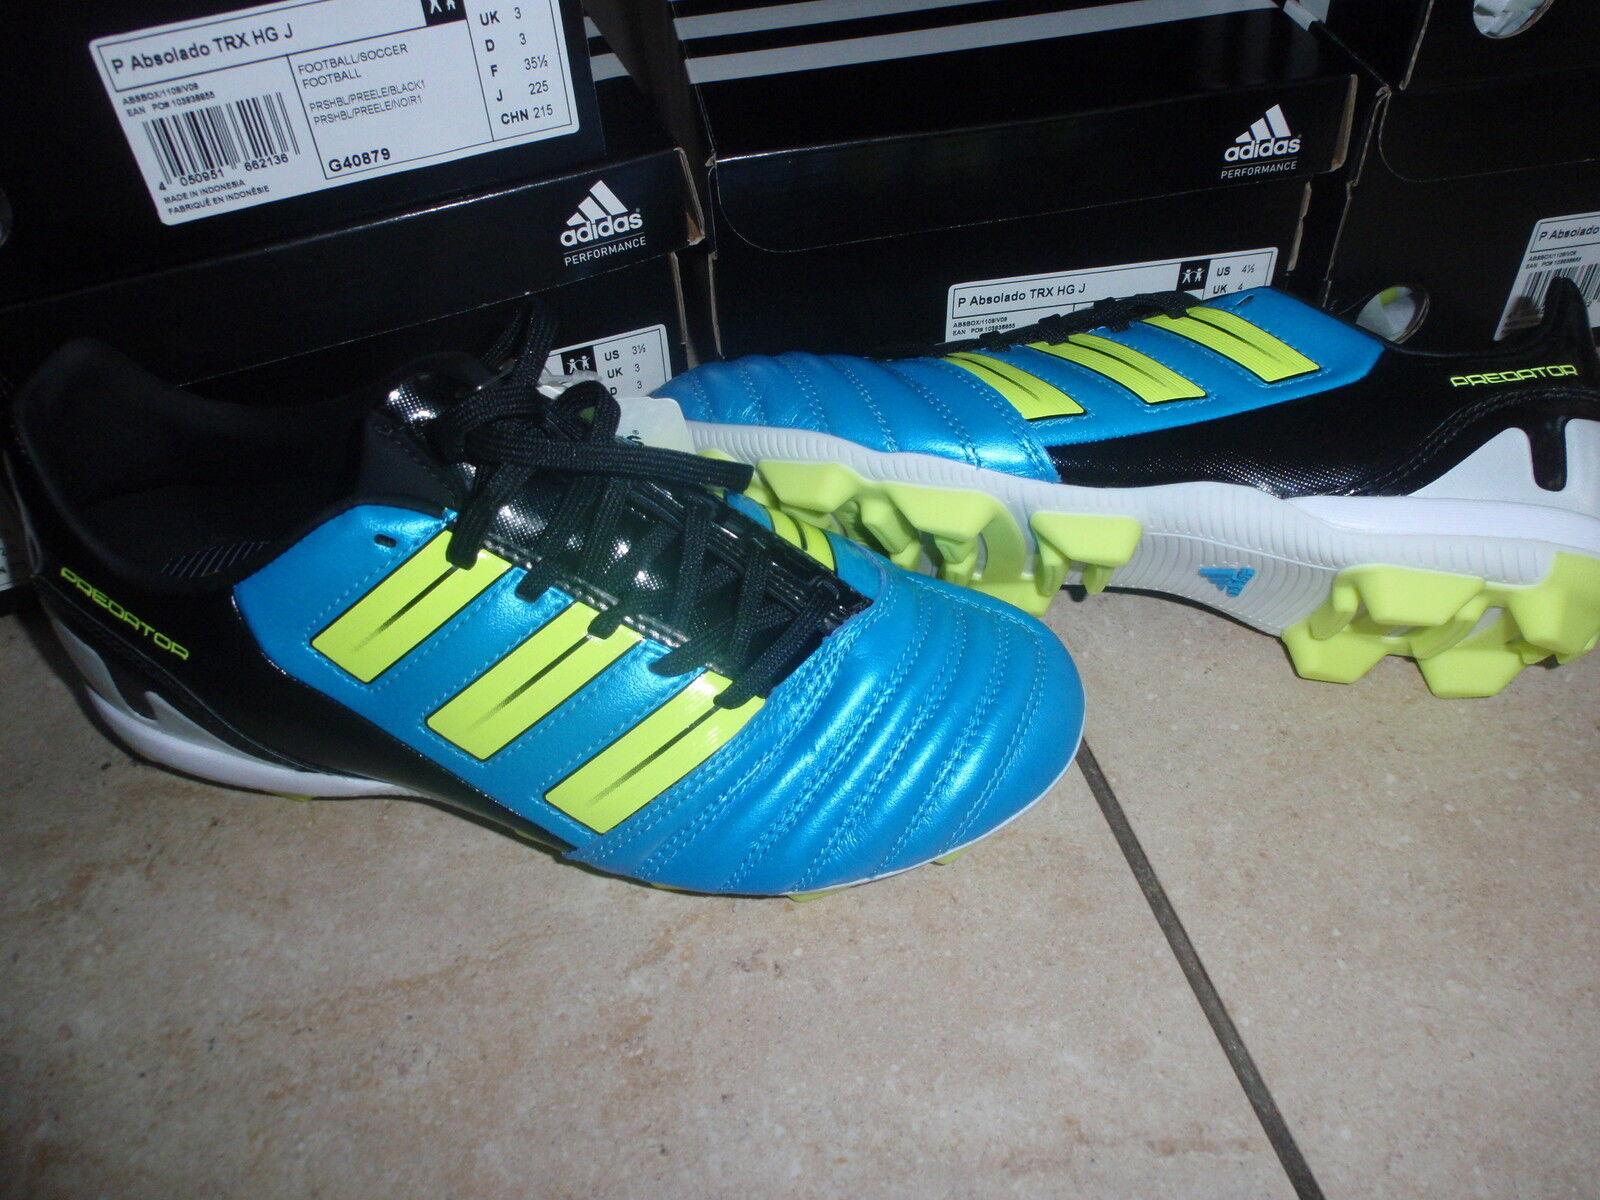 Adidas nuevas botas de fútbol TRX azul amarillo negro (Colors de neón) tamaño 38 2 3